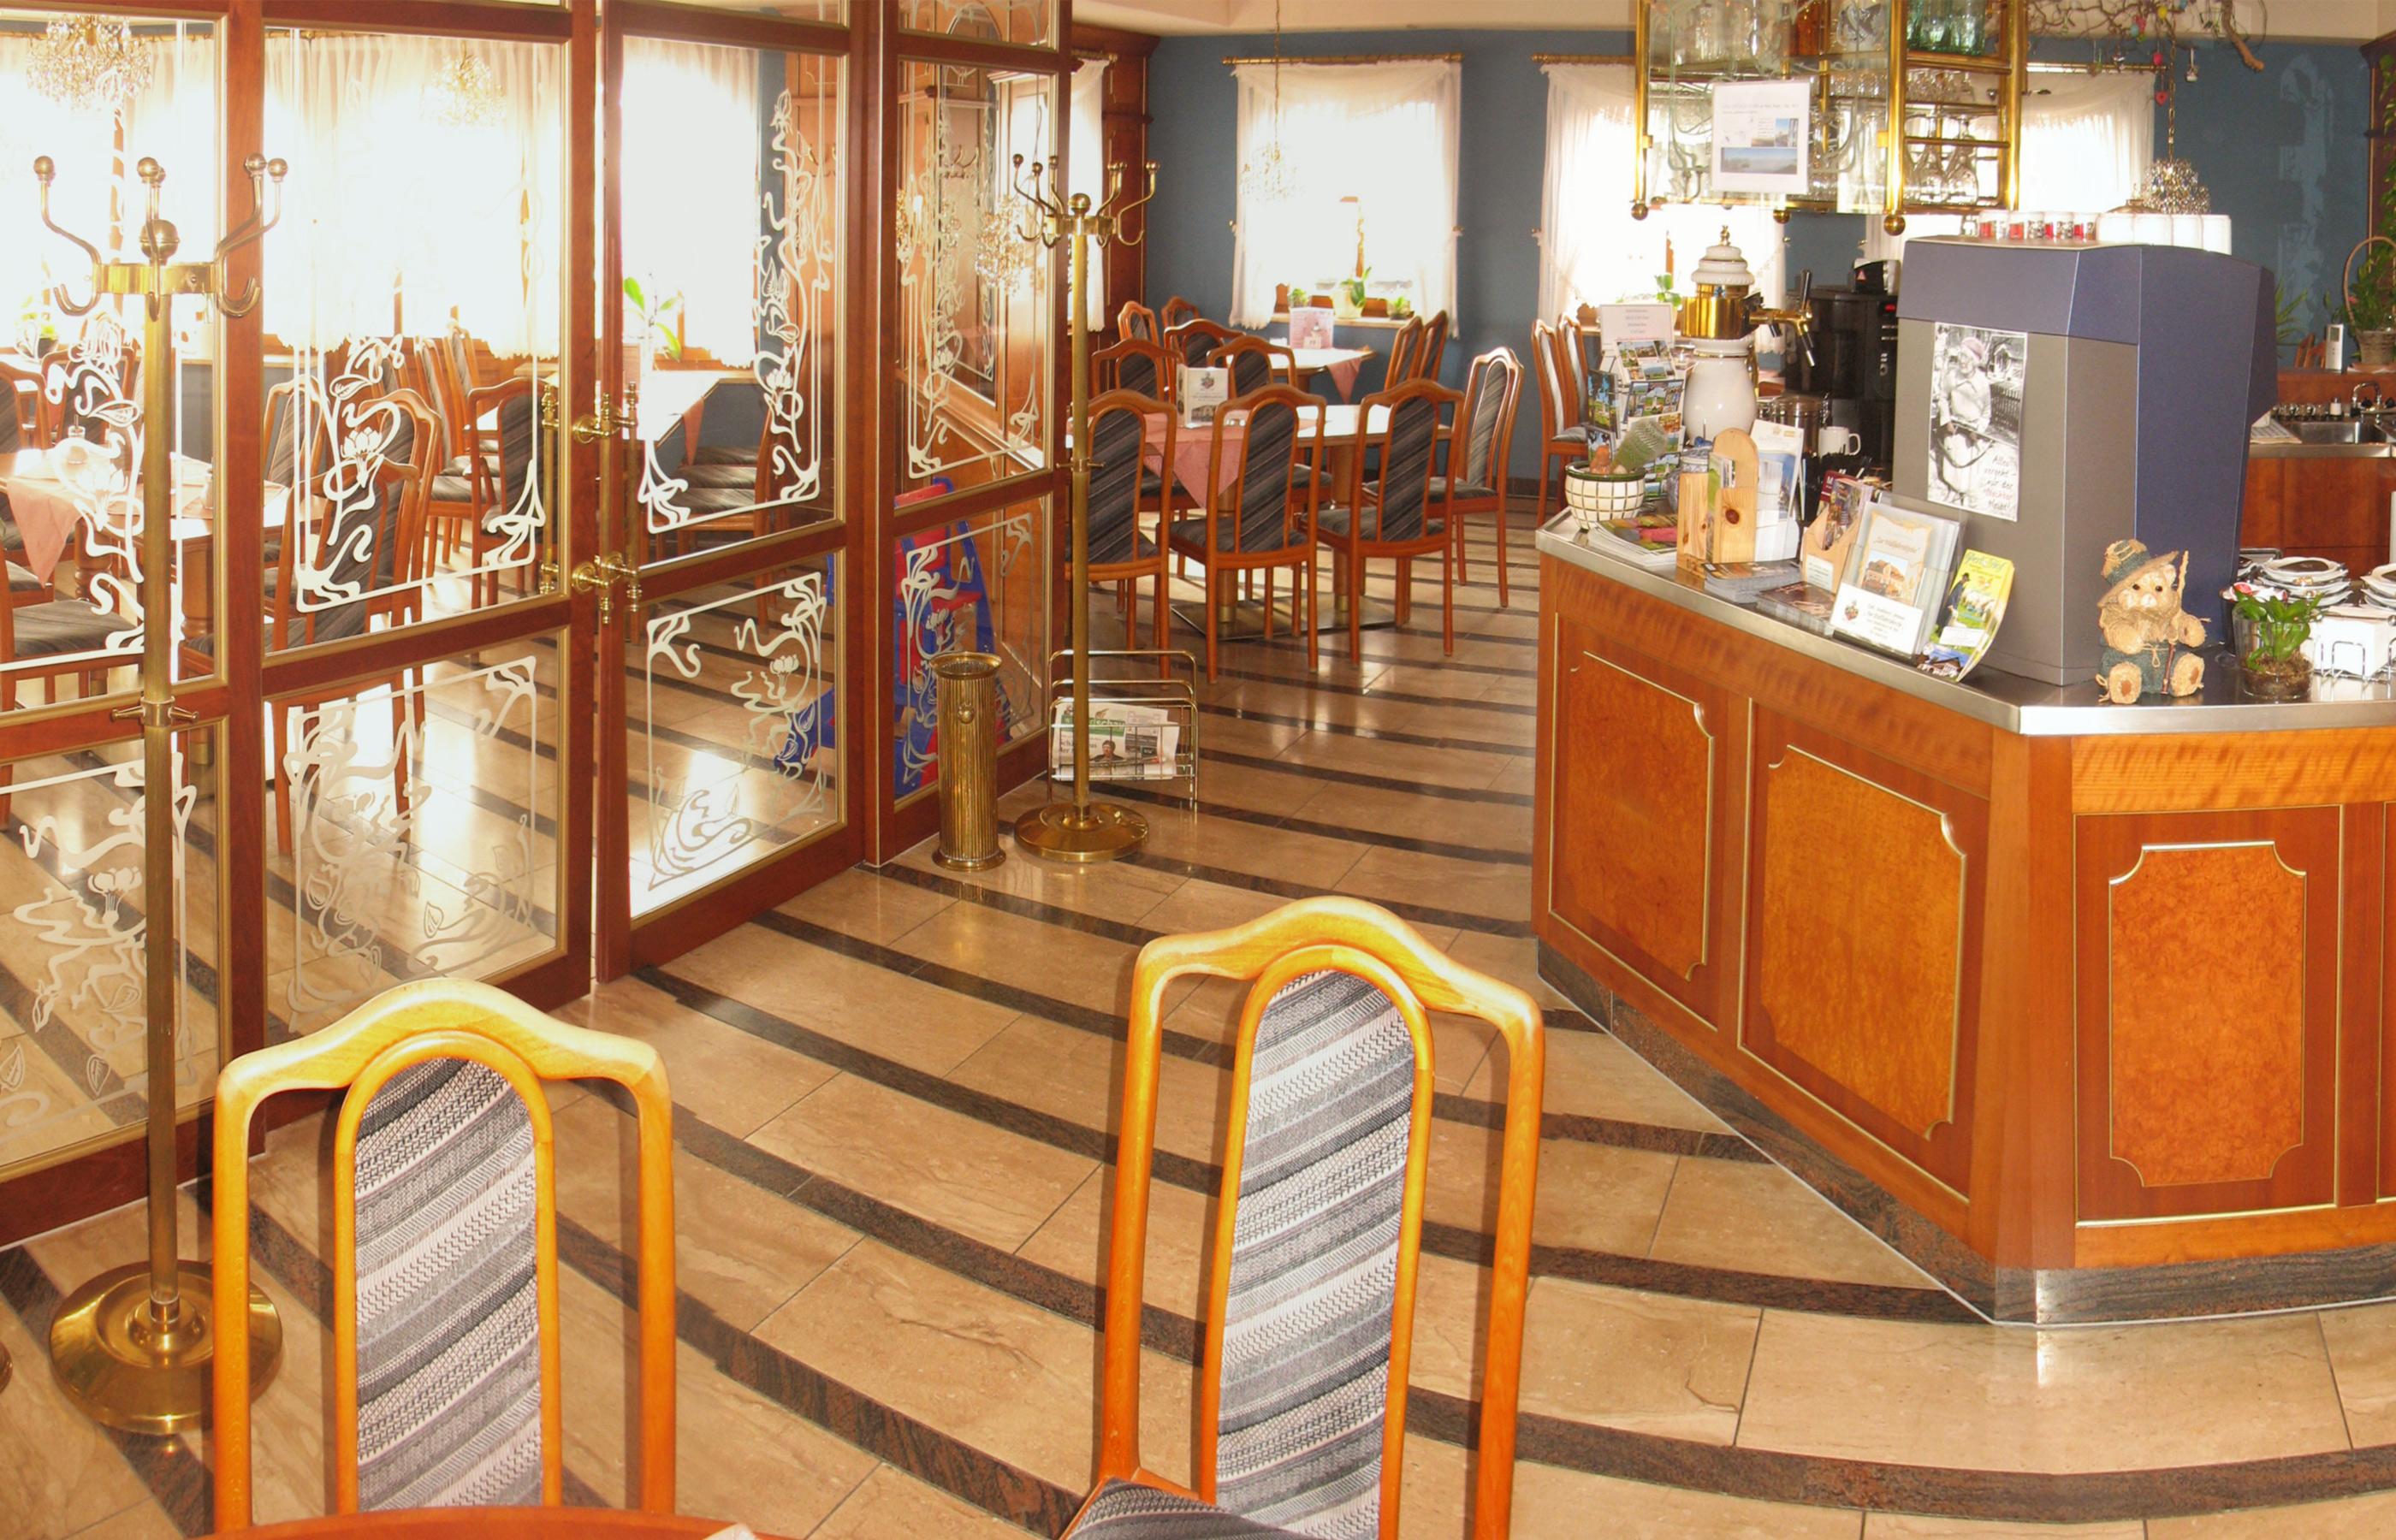 Cafe zur Wallfahrtskirche